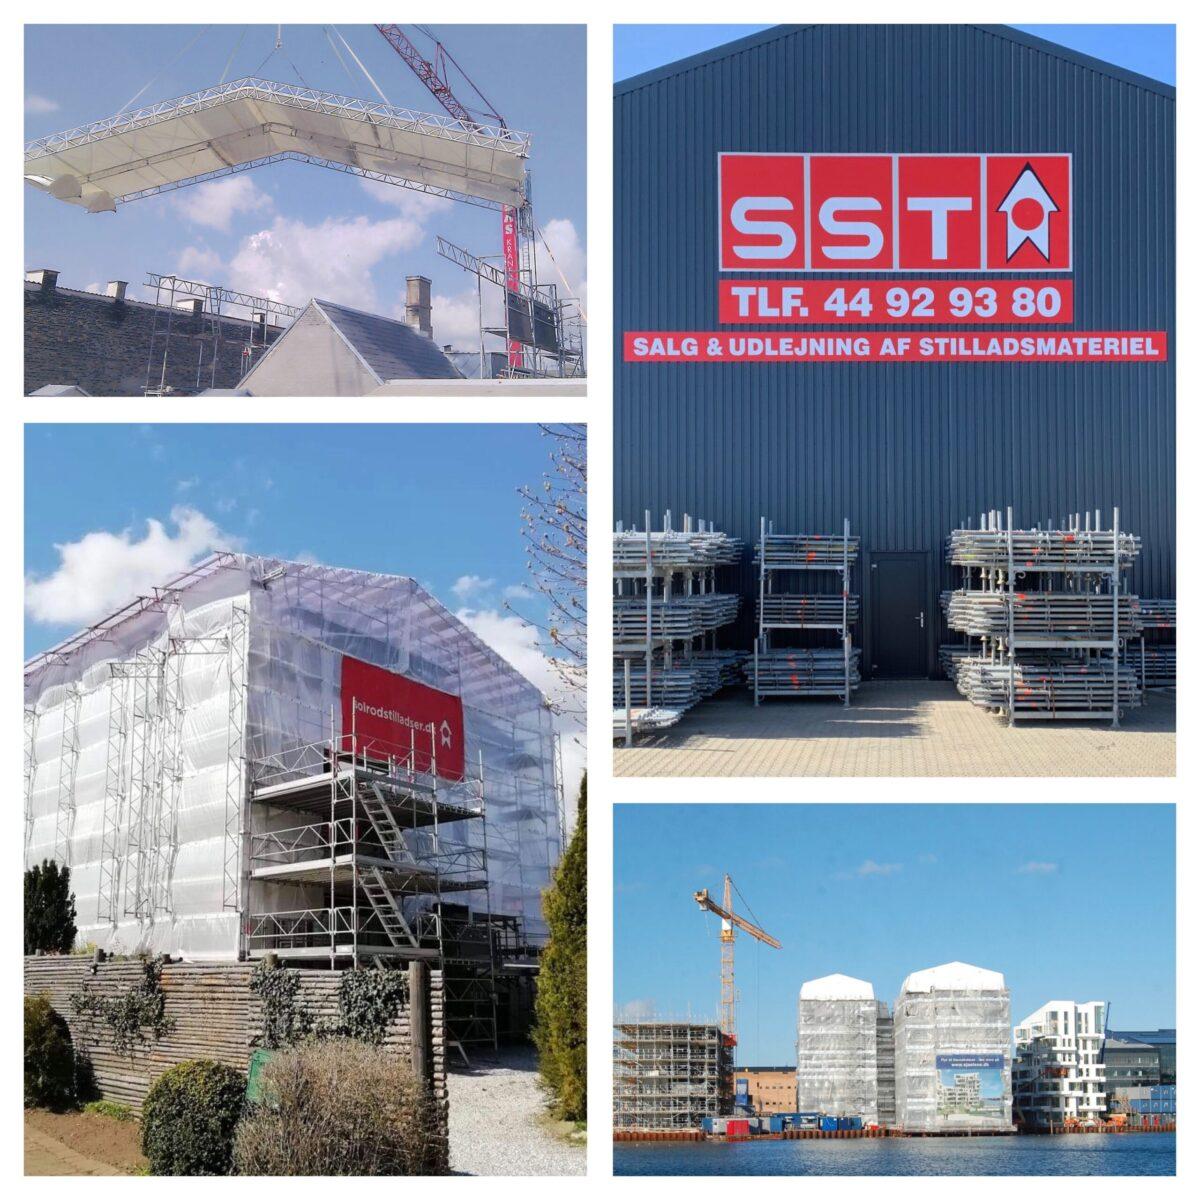 Solrød Stilladser og SST tilbyder montering og salg af grej i systemstilladser